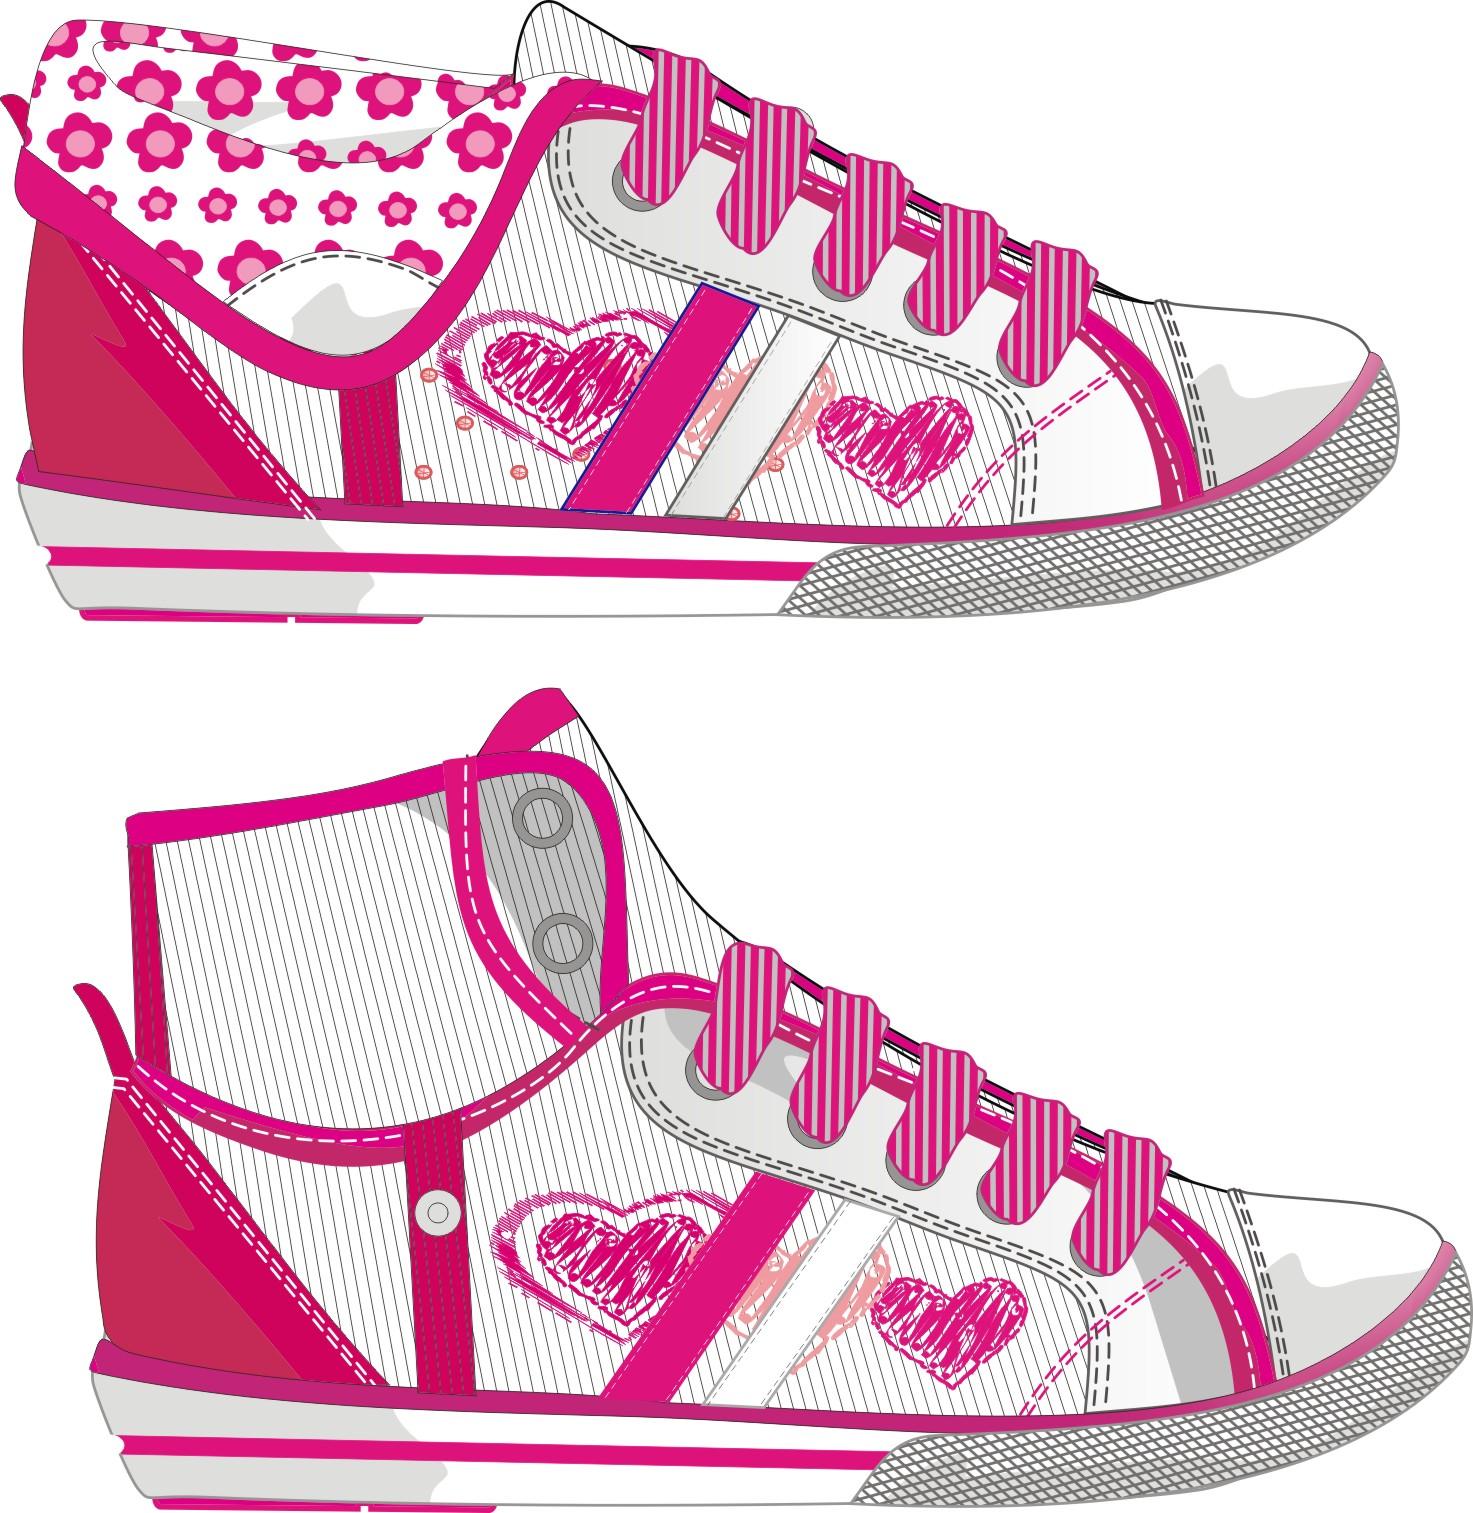 Shoes design casadisegno dise os de calzado urbanos de ni a for Diseno de zapatos